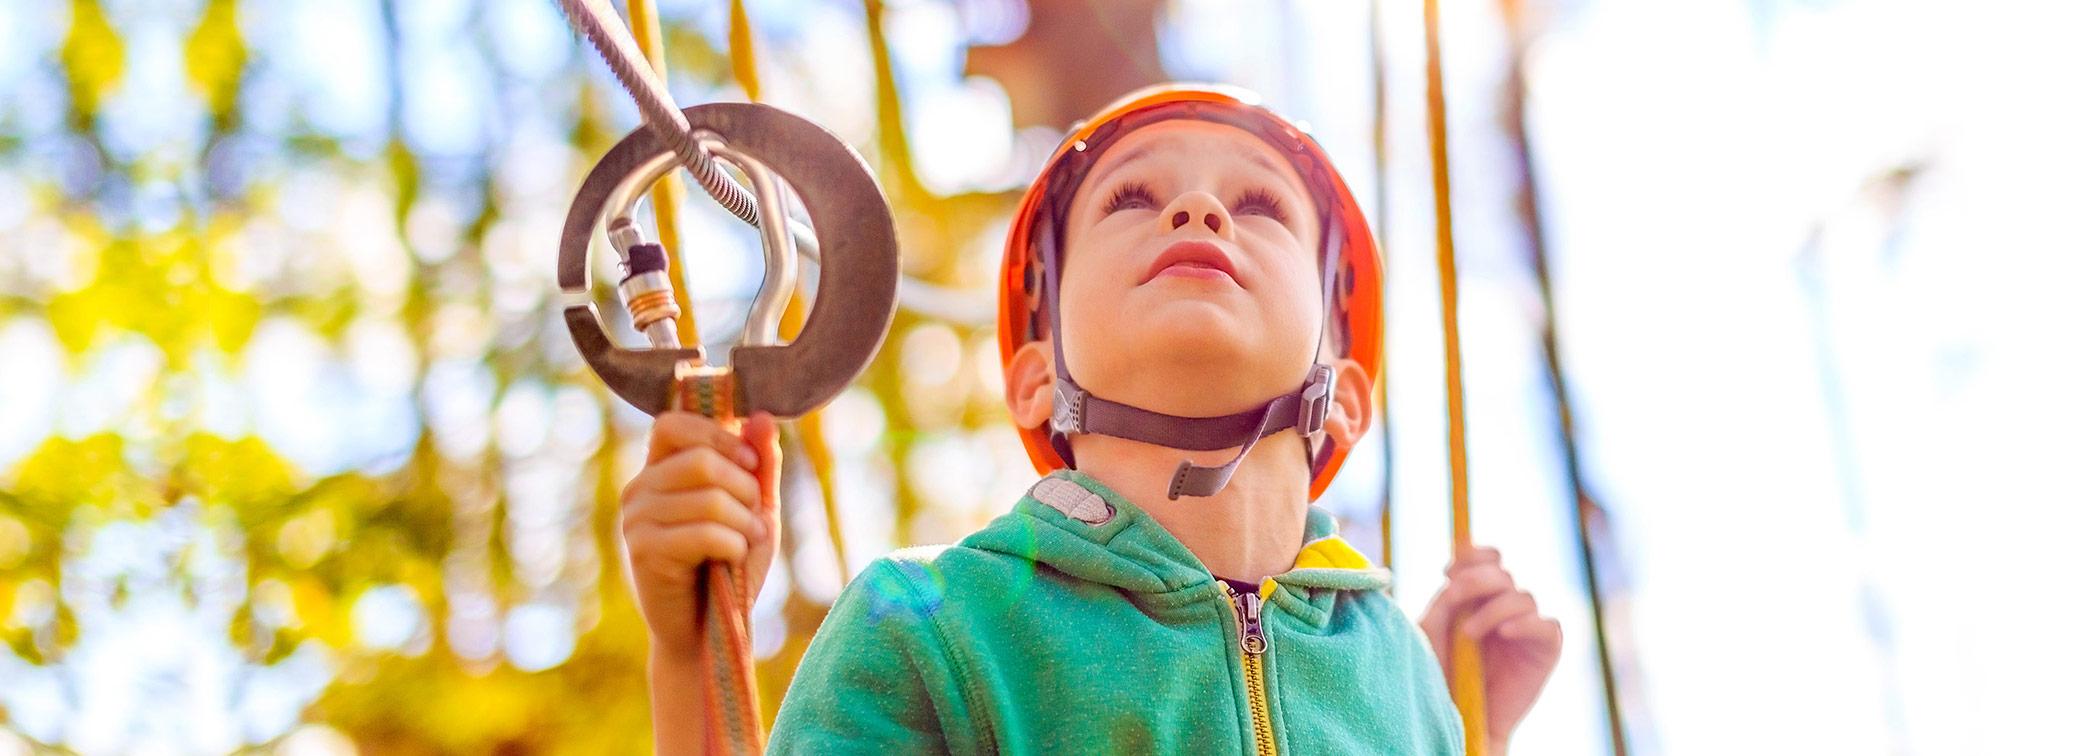 Slider Loisirs jeunesse - Enfant avec casque